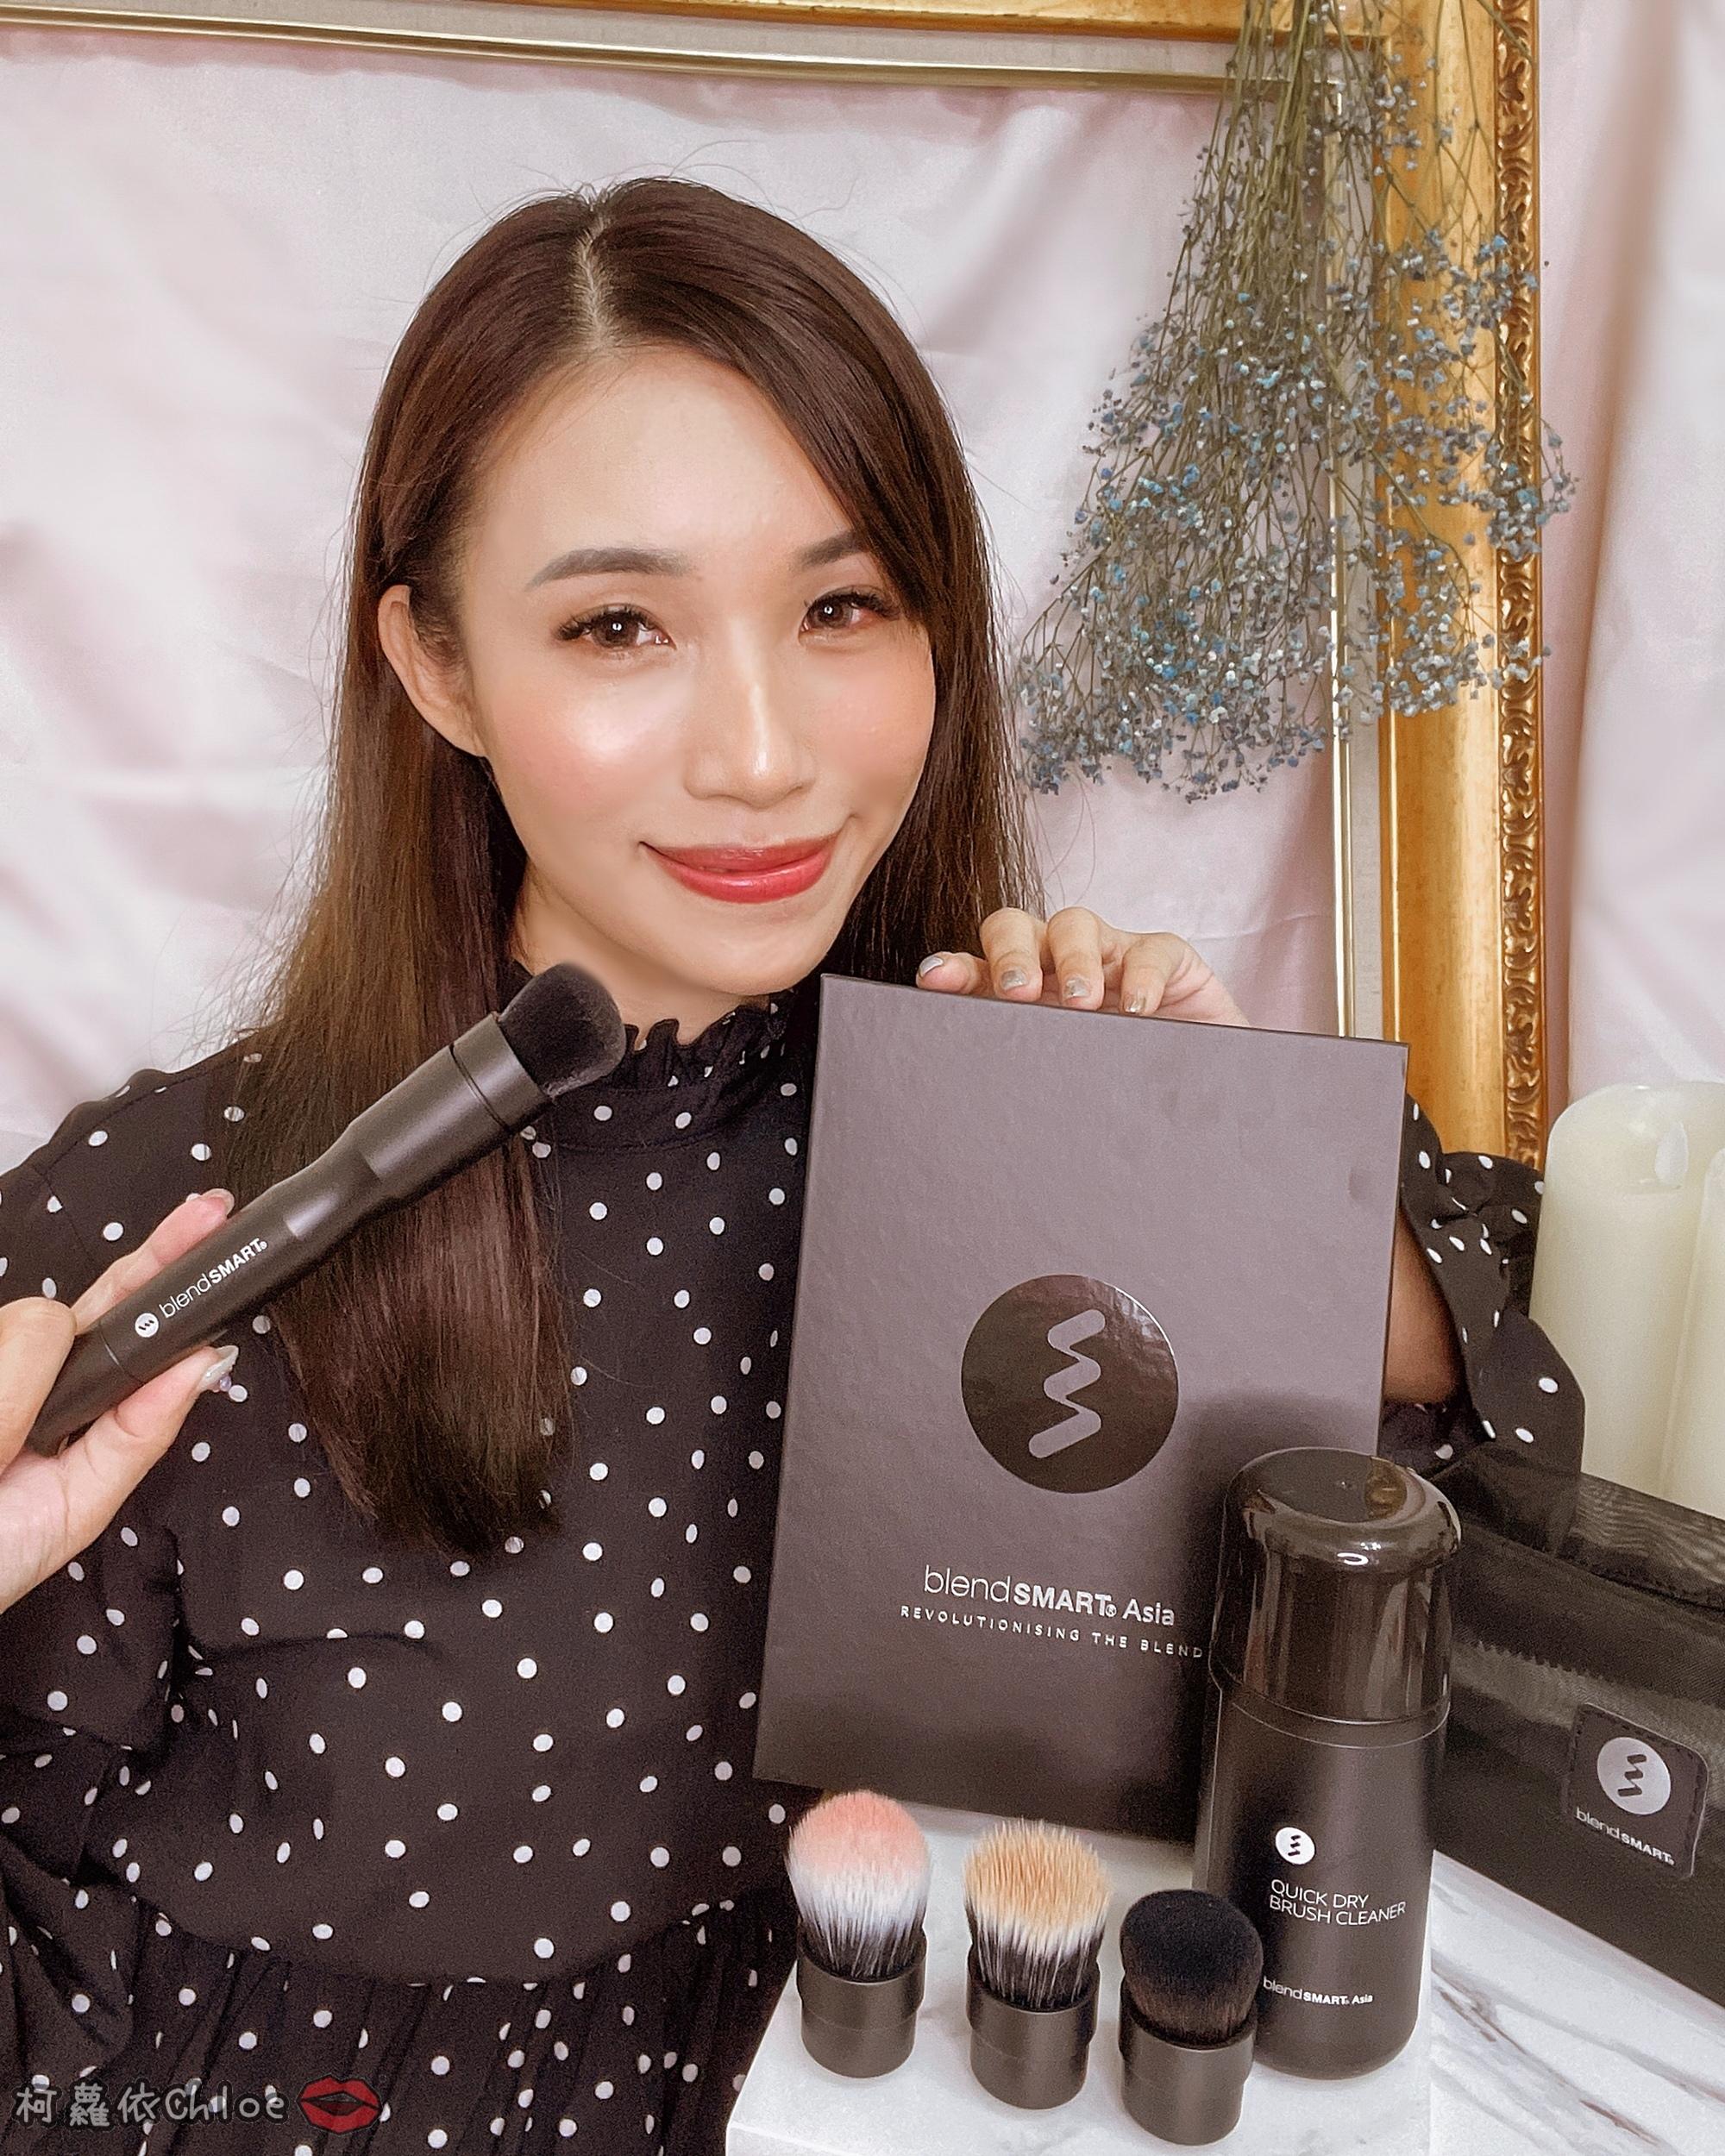 彩妝工具推薦 blendSMART電動化妝刷 達人套裝開箱 上妝輕柔更有效率47.jpg